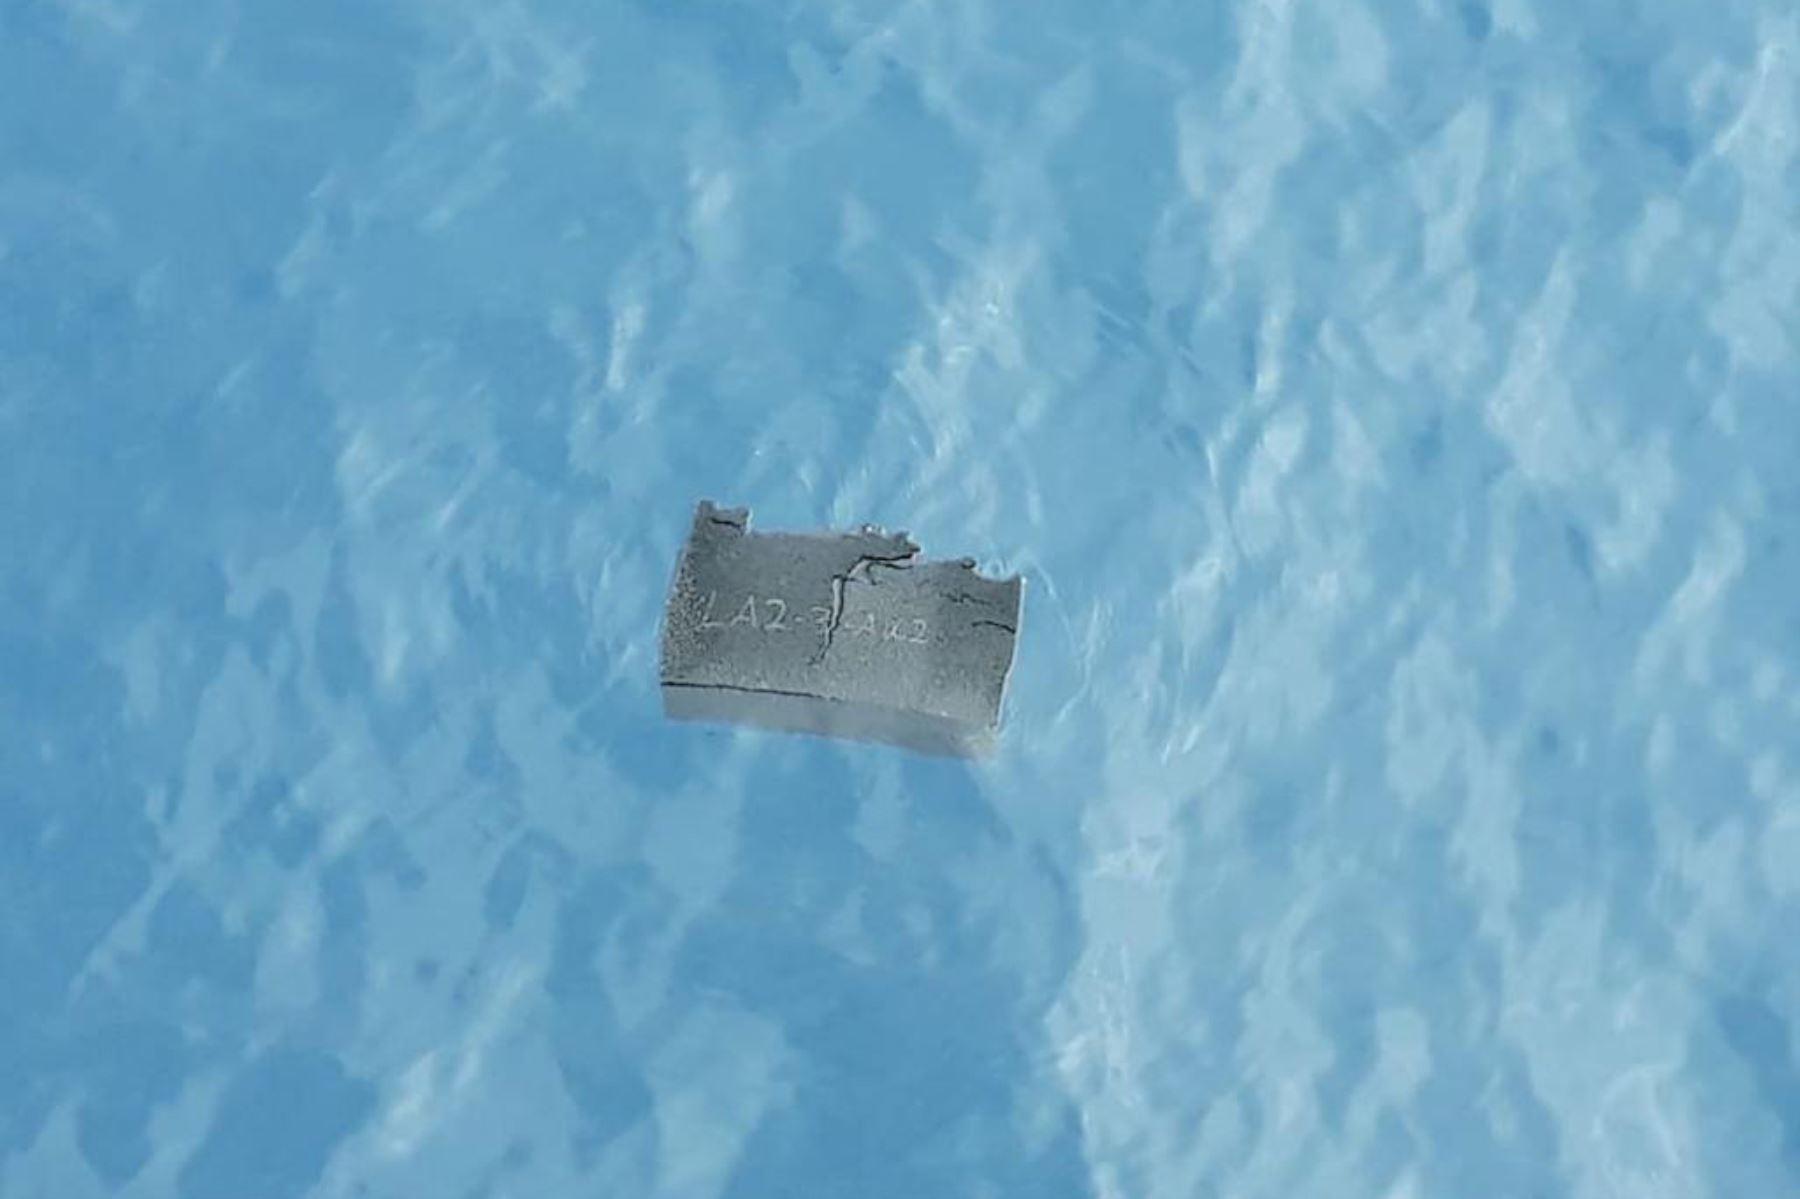 Fuerza Aérea de Chile  muestra parte de un tanque de combustible, supuestamente del avión de carga Hércules C-130 de la Fuerza Aérea de Chile que desapareció en el mar con 38 personas a bordo, encontrado en el Pasaje Drake, cerca de Chile. Foto: AFP